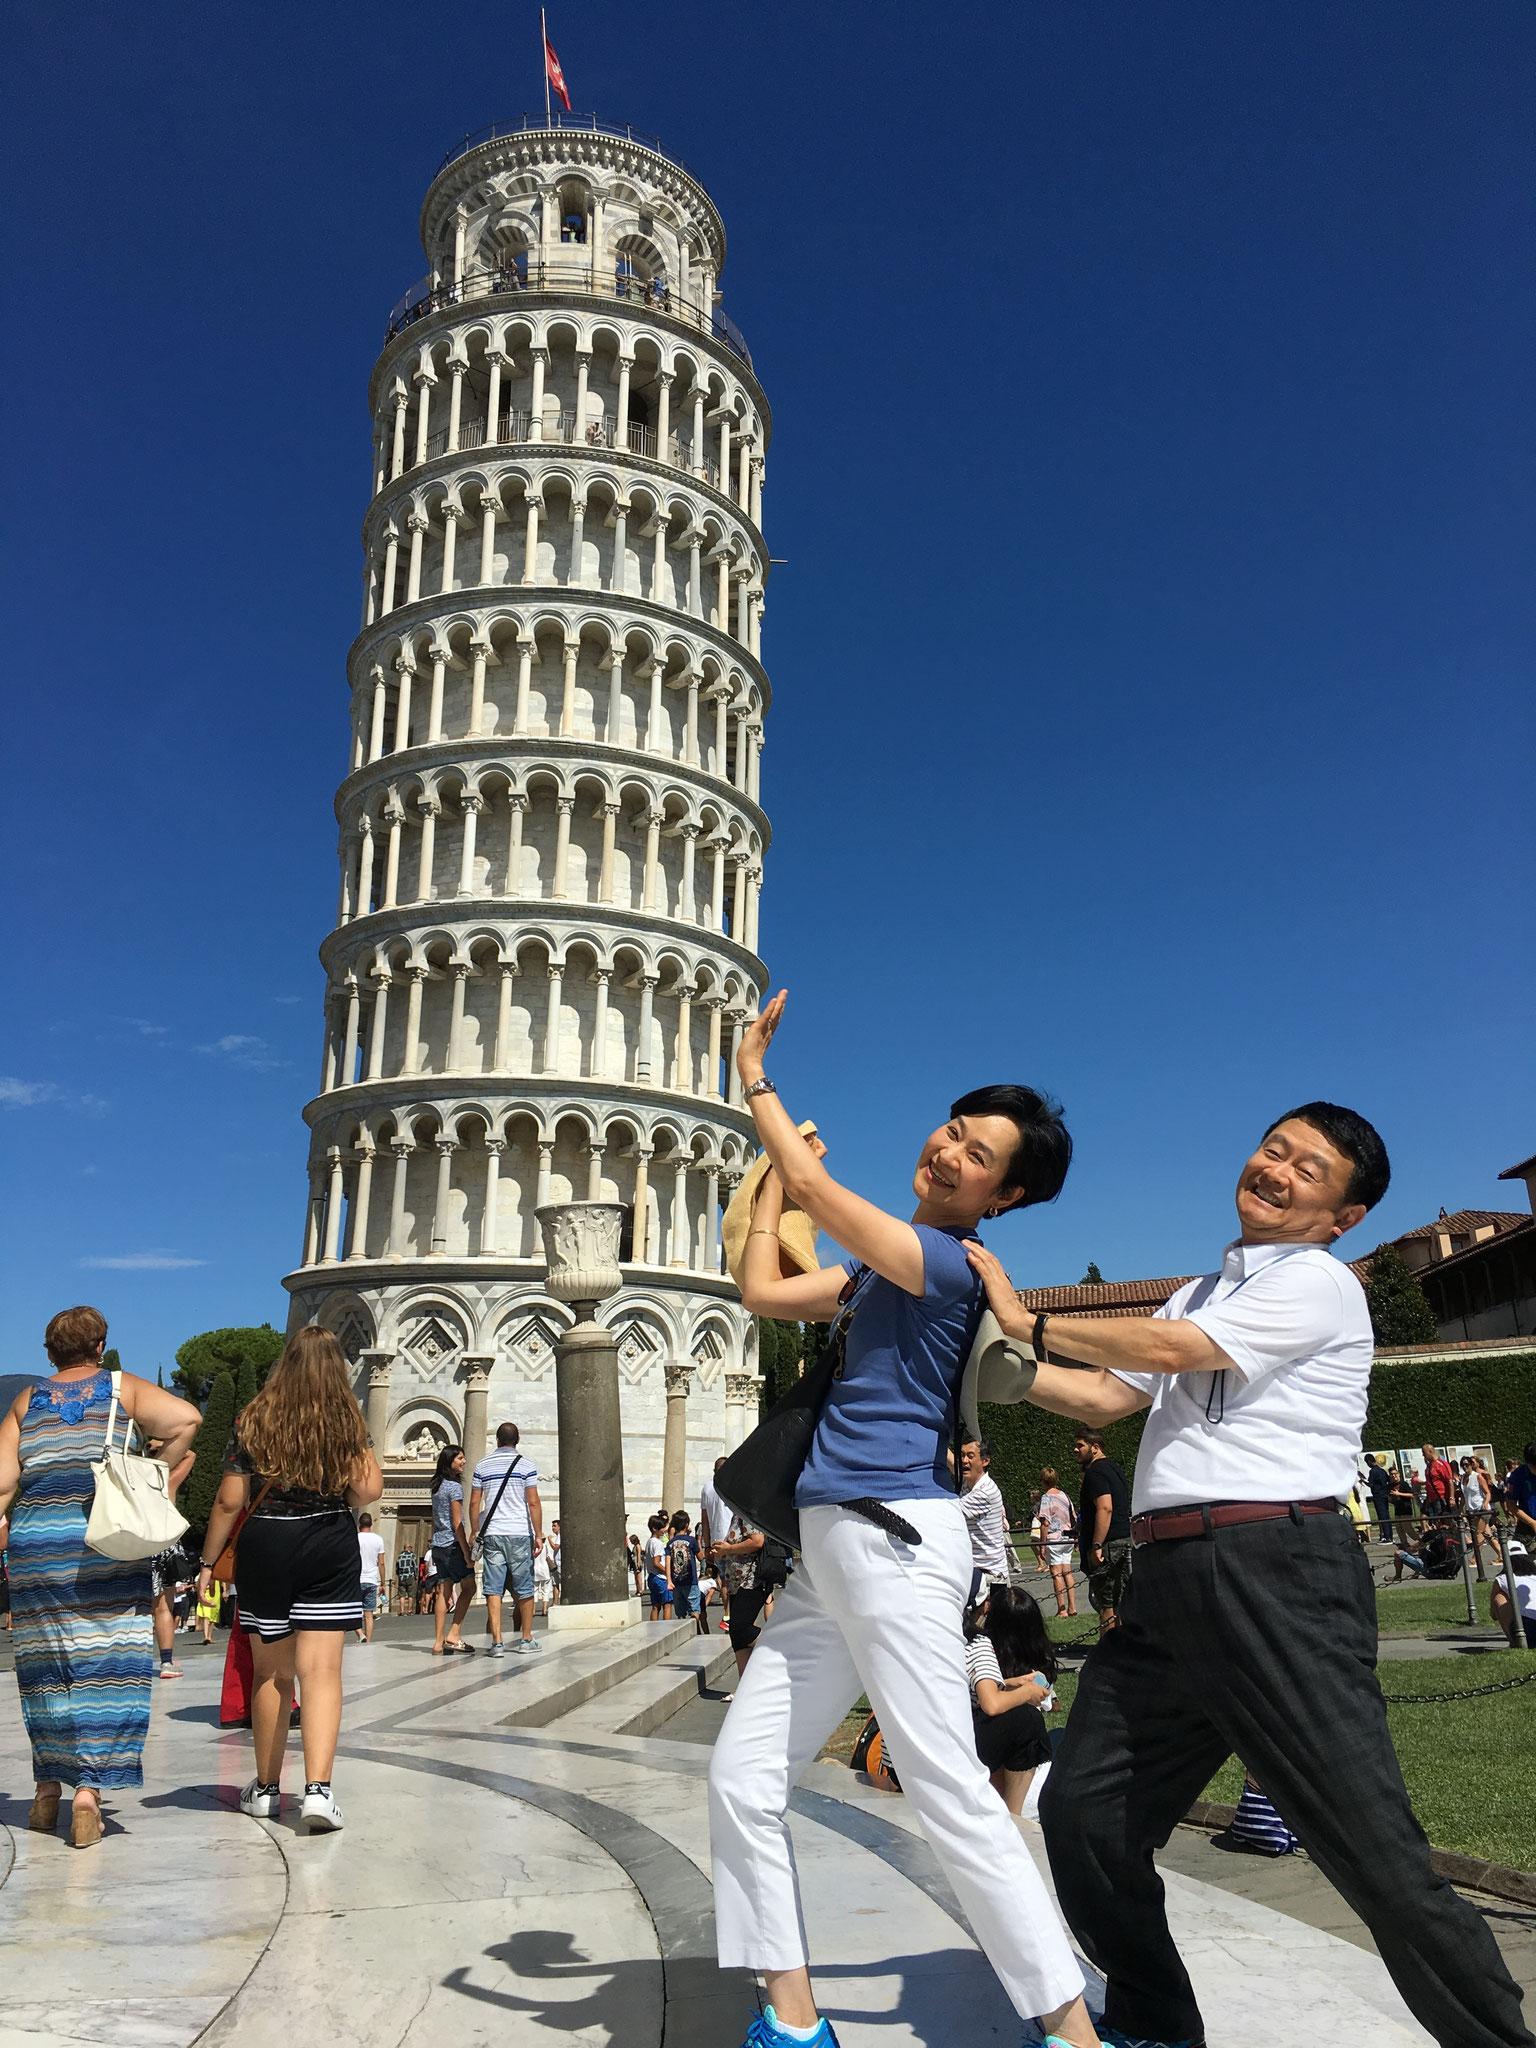 倒れそうな斜塔を支えます。塔の高さは北と南で70cm異なり、約5度傾いています。